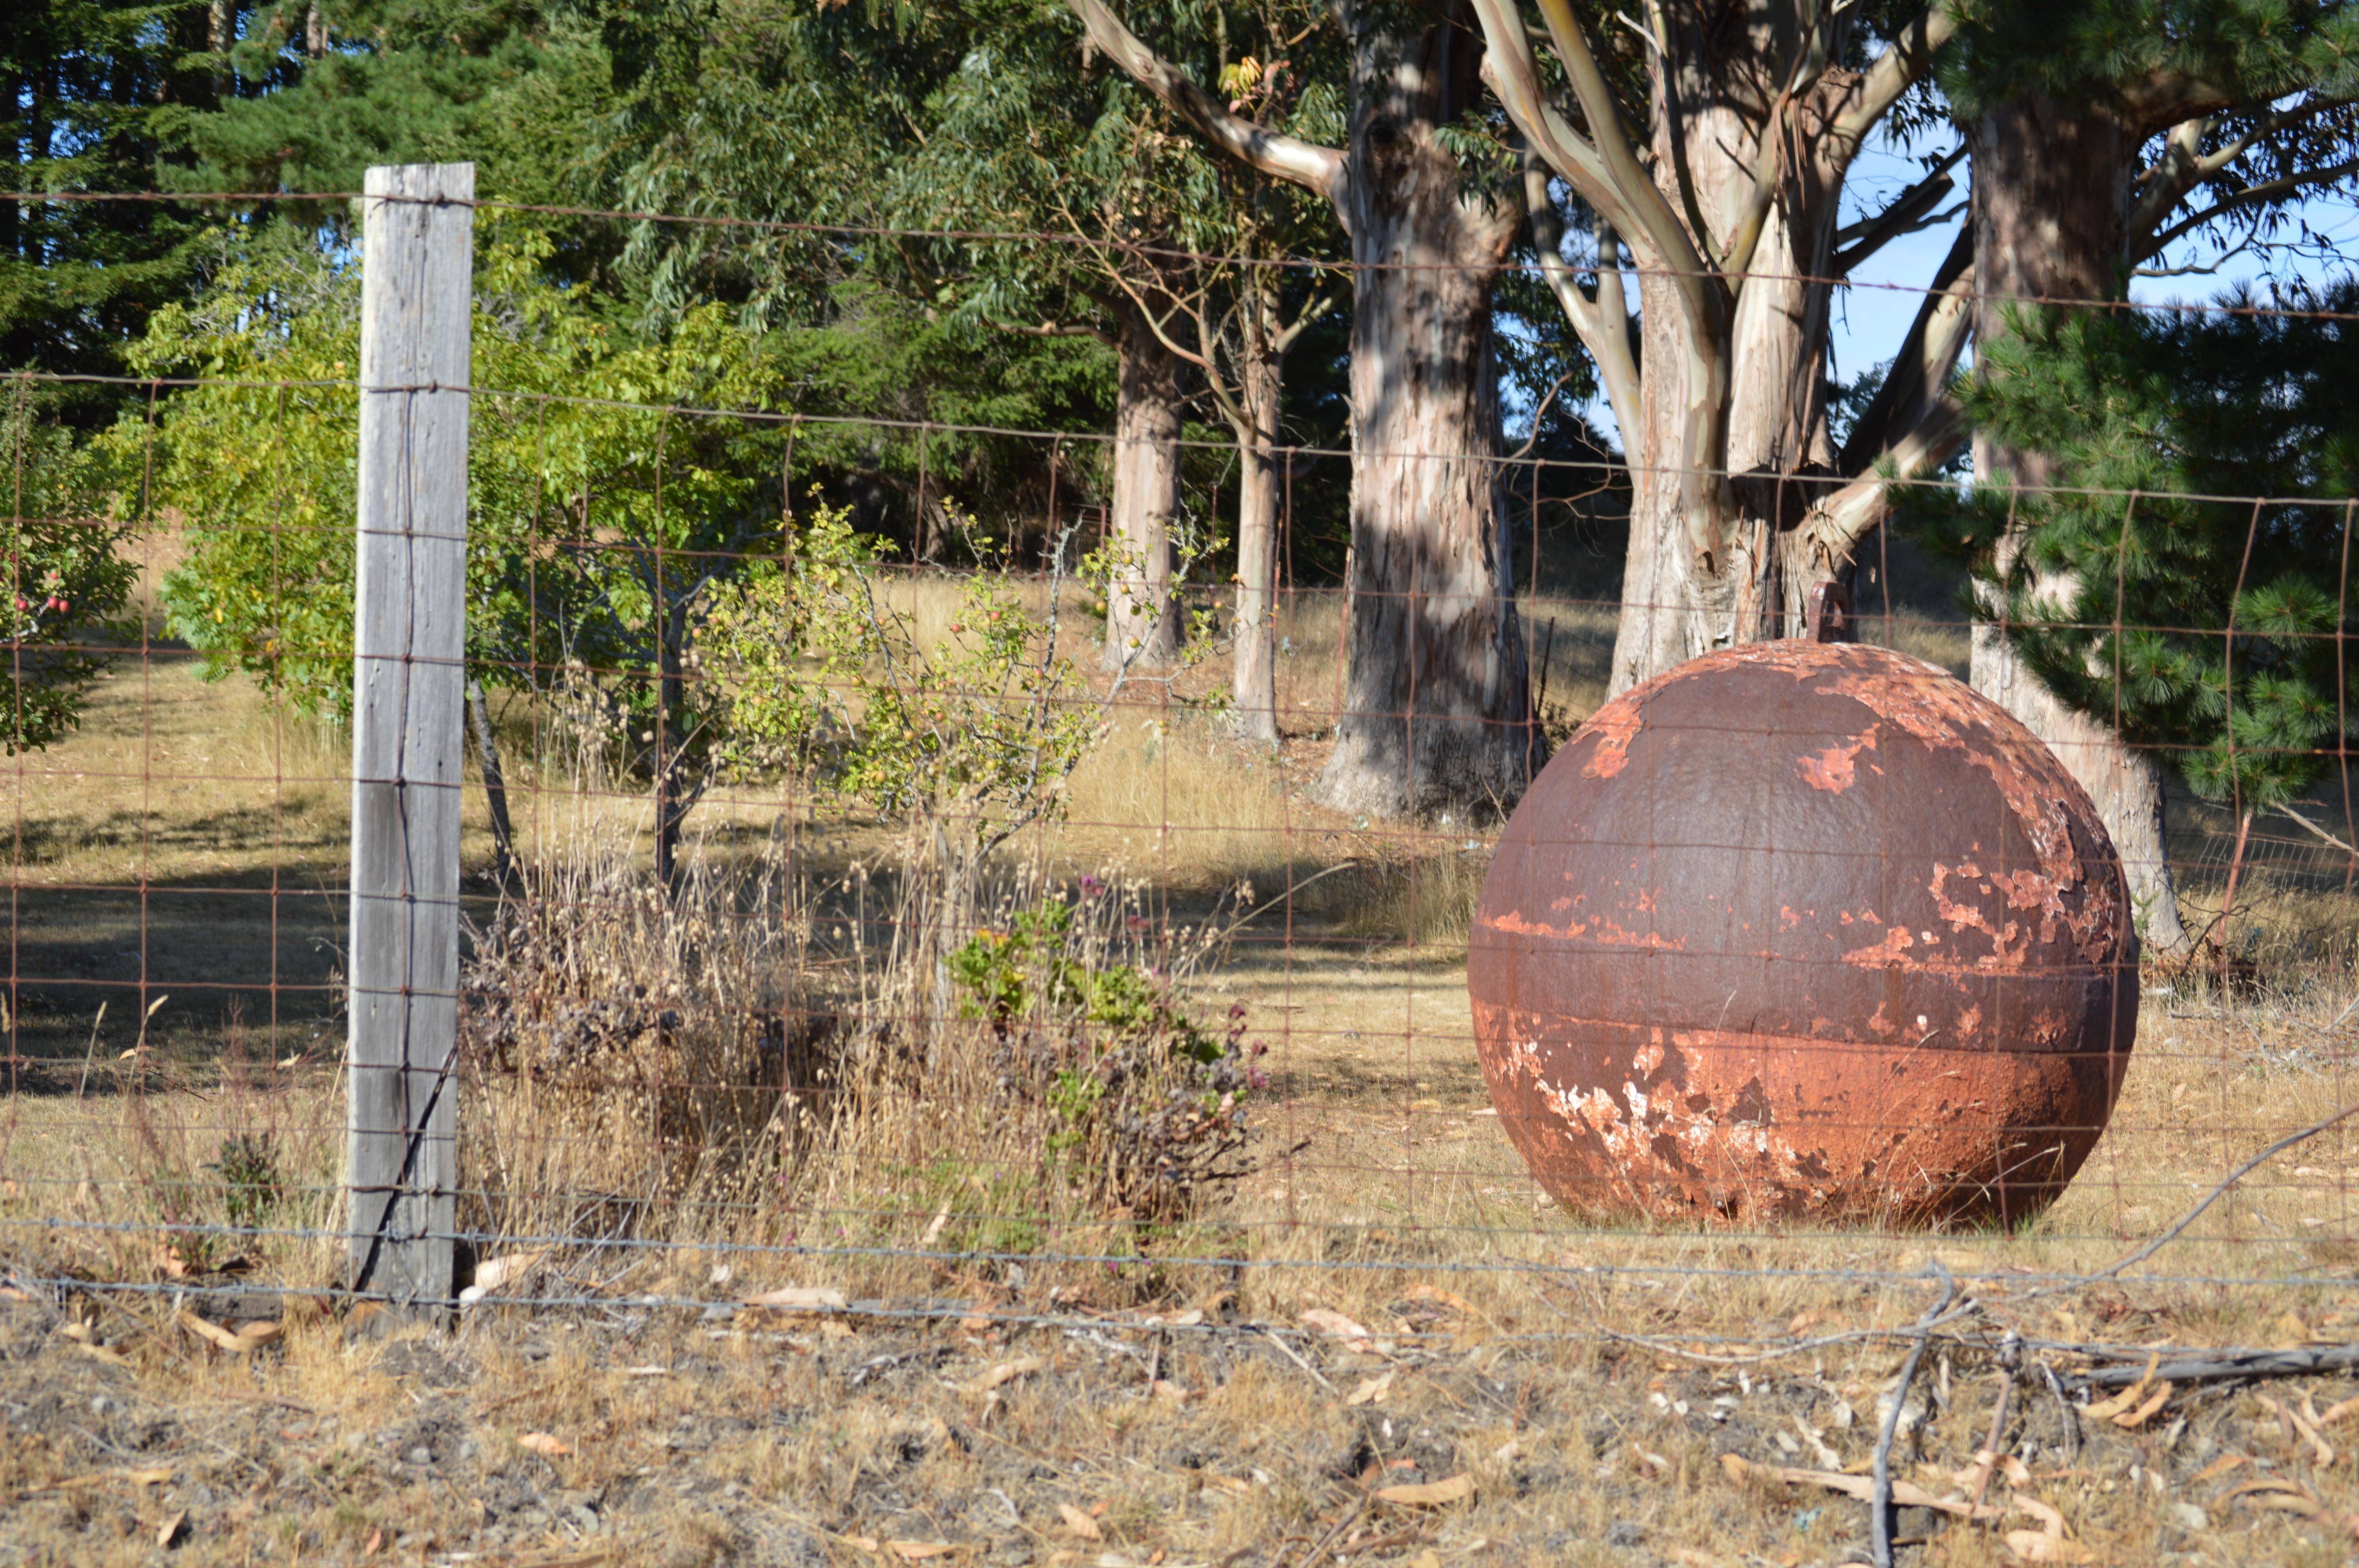 Iron Ball in Sculptor's Yard